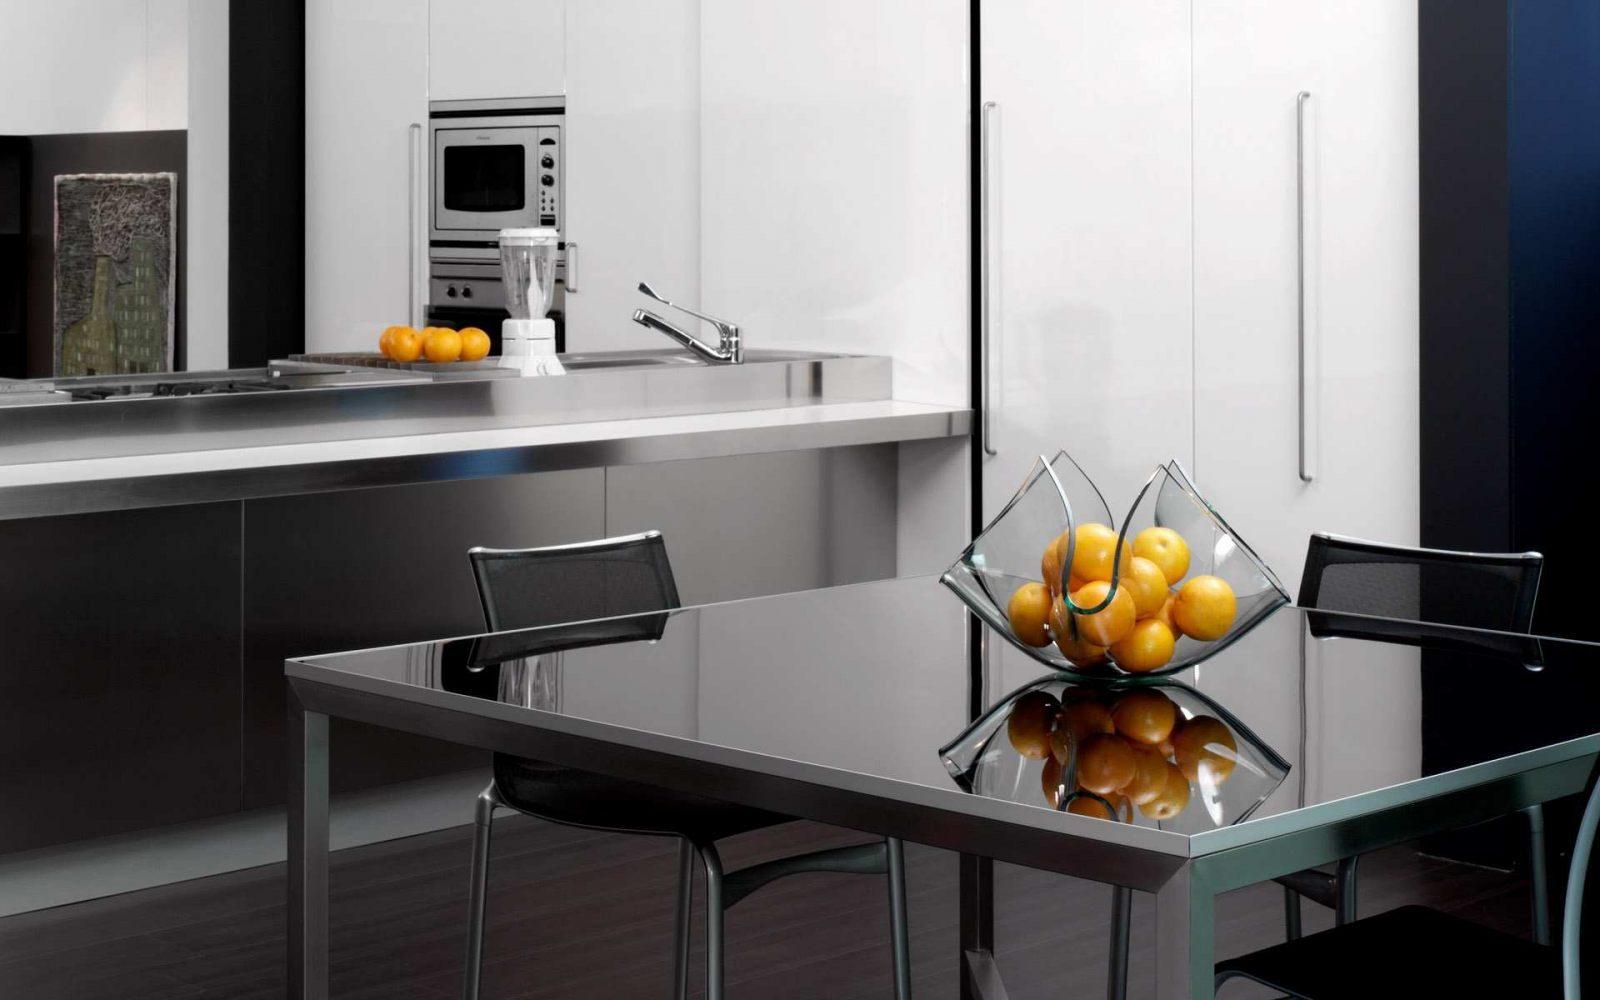 Mesa de cocina de cristal :: Imágenes y fotos